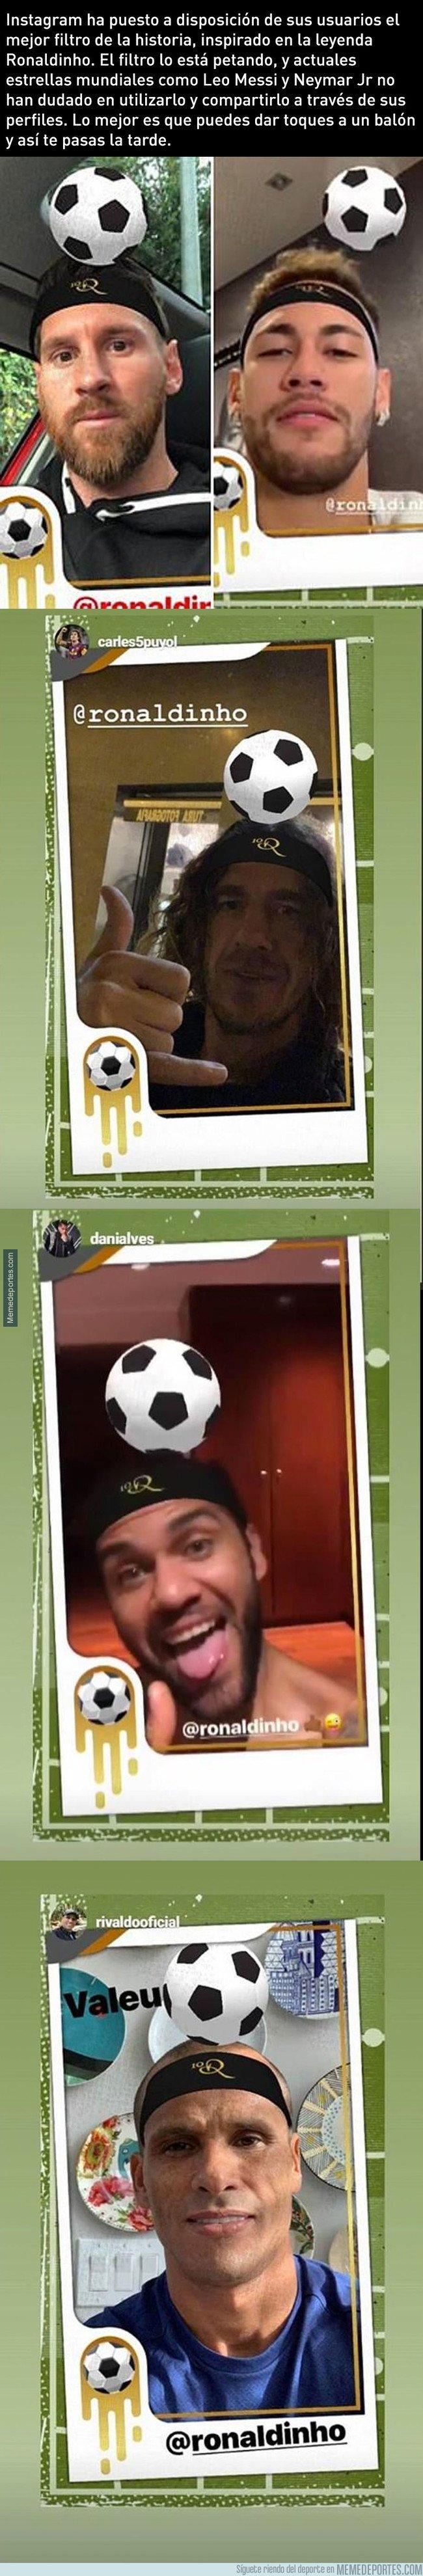 1057715 - Instagram ha sacado un nuevo filtro en que te conviertes en Ronaldinho, y lo está petando